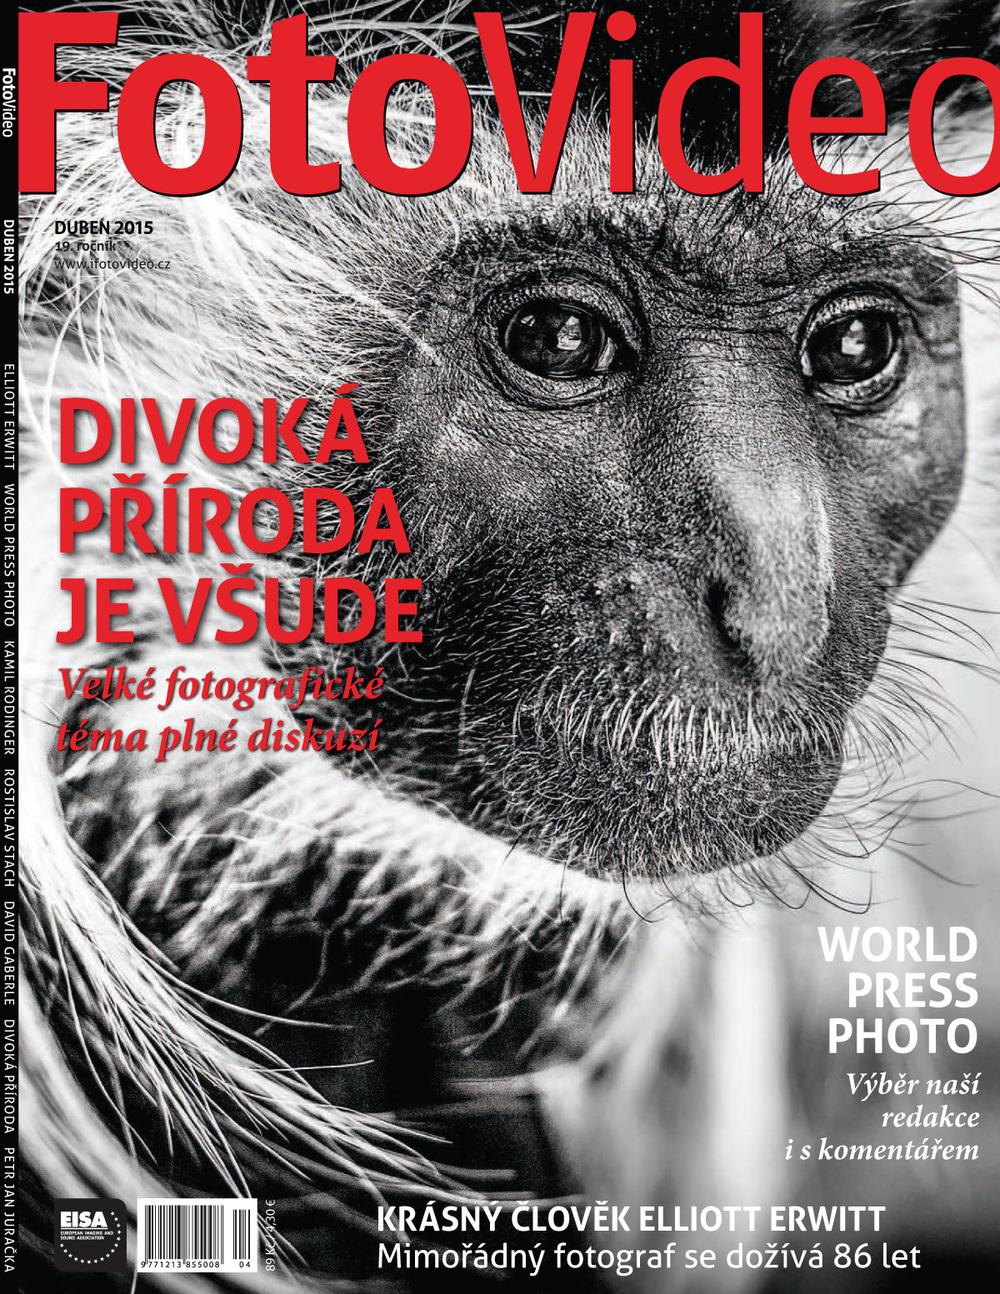 Výsledná fotka na titulce časopisu FotoVideo.